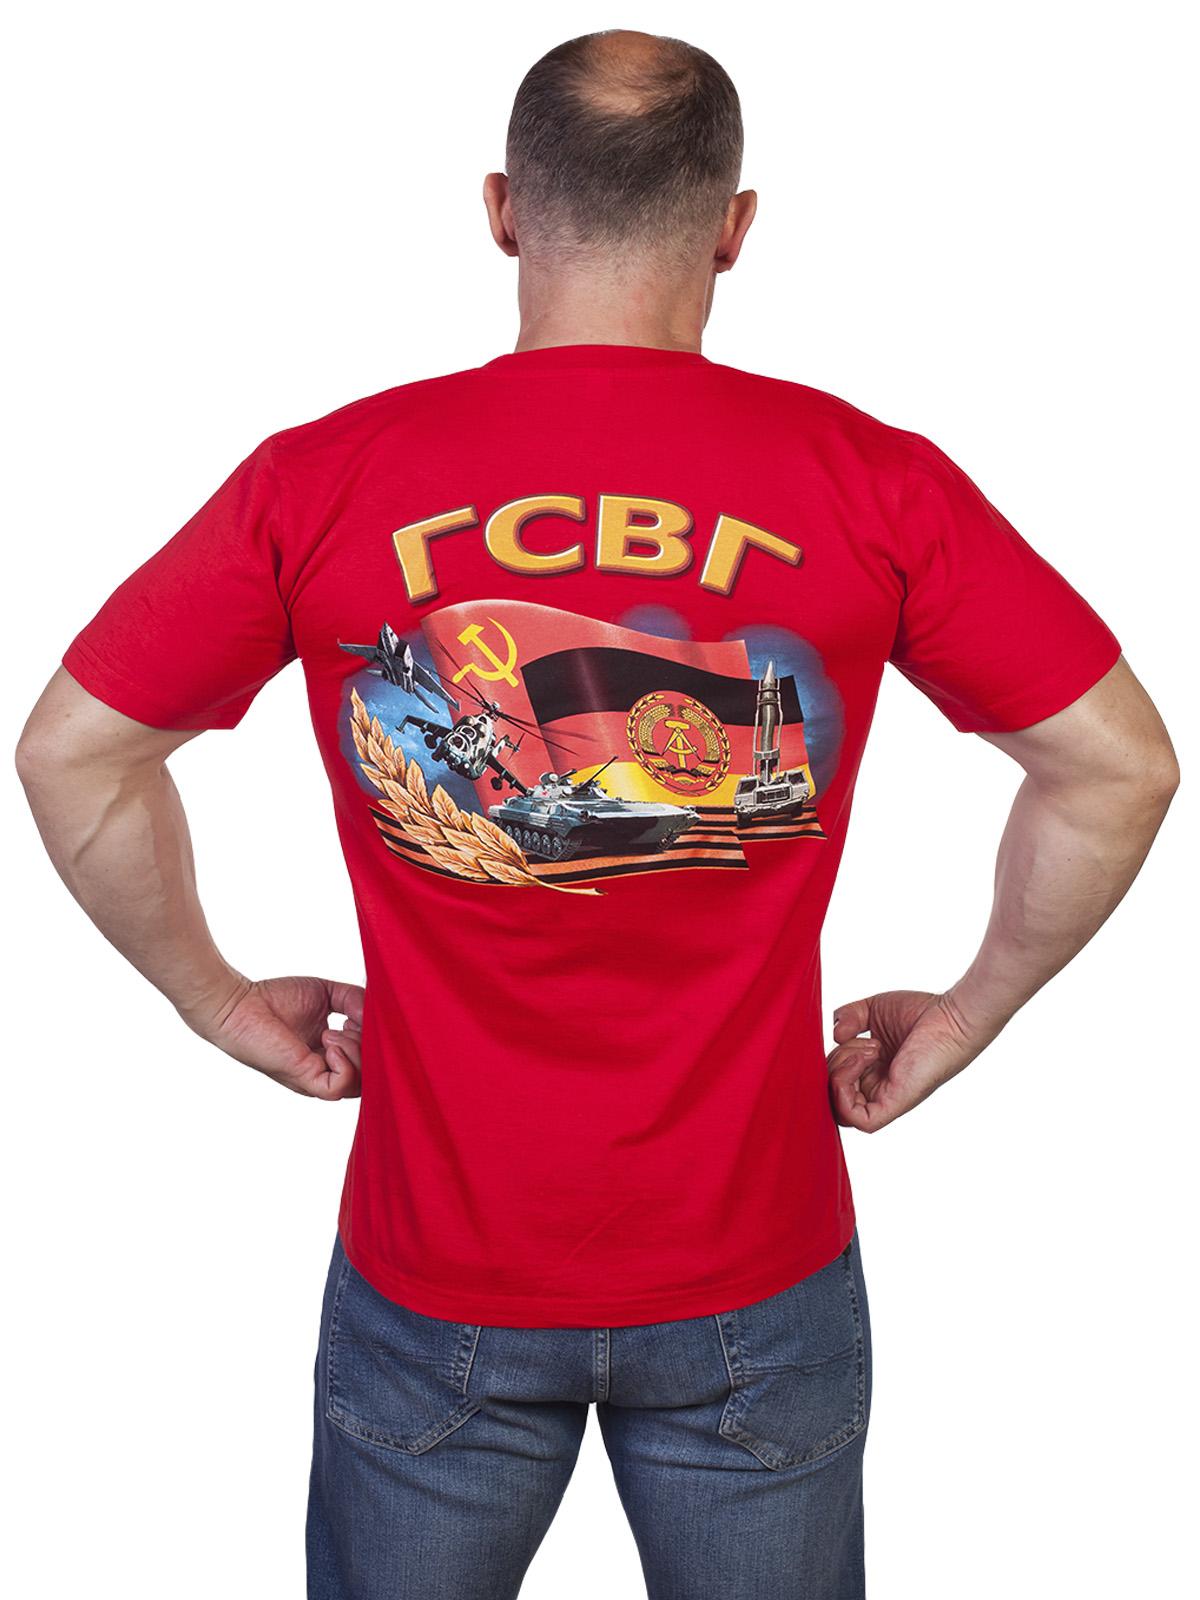 Однотонная футболка для мужчин с символикой ГСВГ